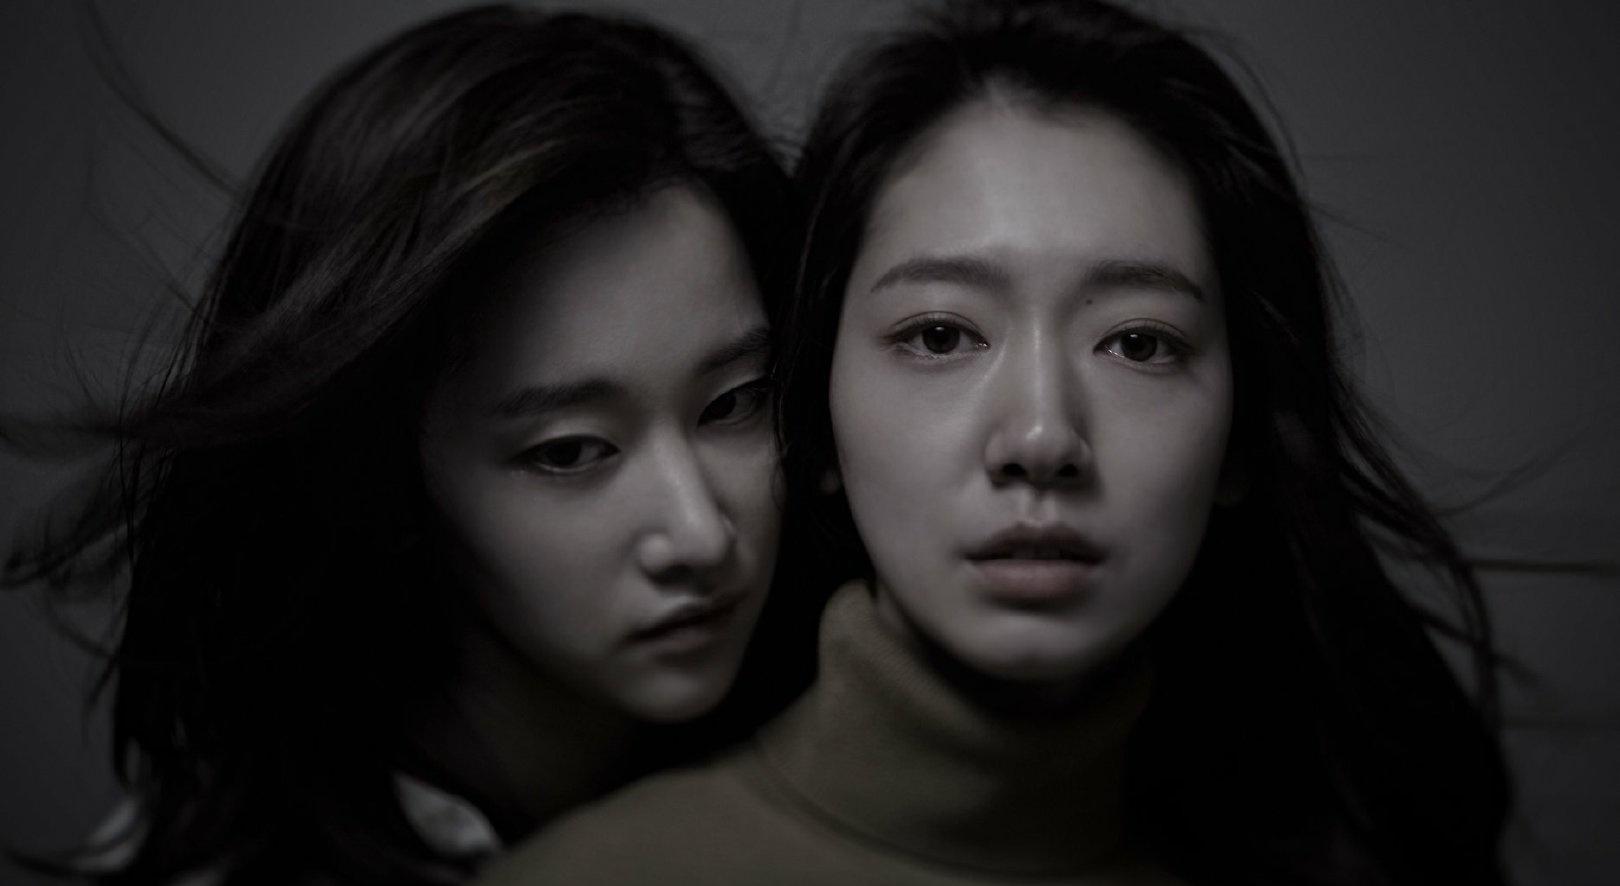 朴信惠首度接演驚悚片!「超暗黑」海報曝光卻被讚:連憔悴都美!